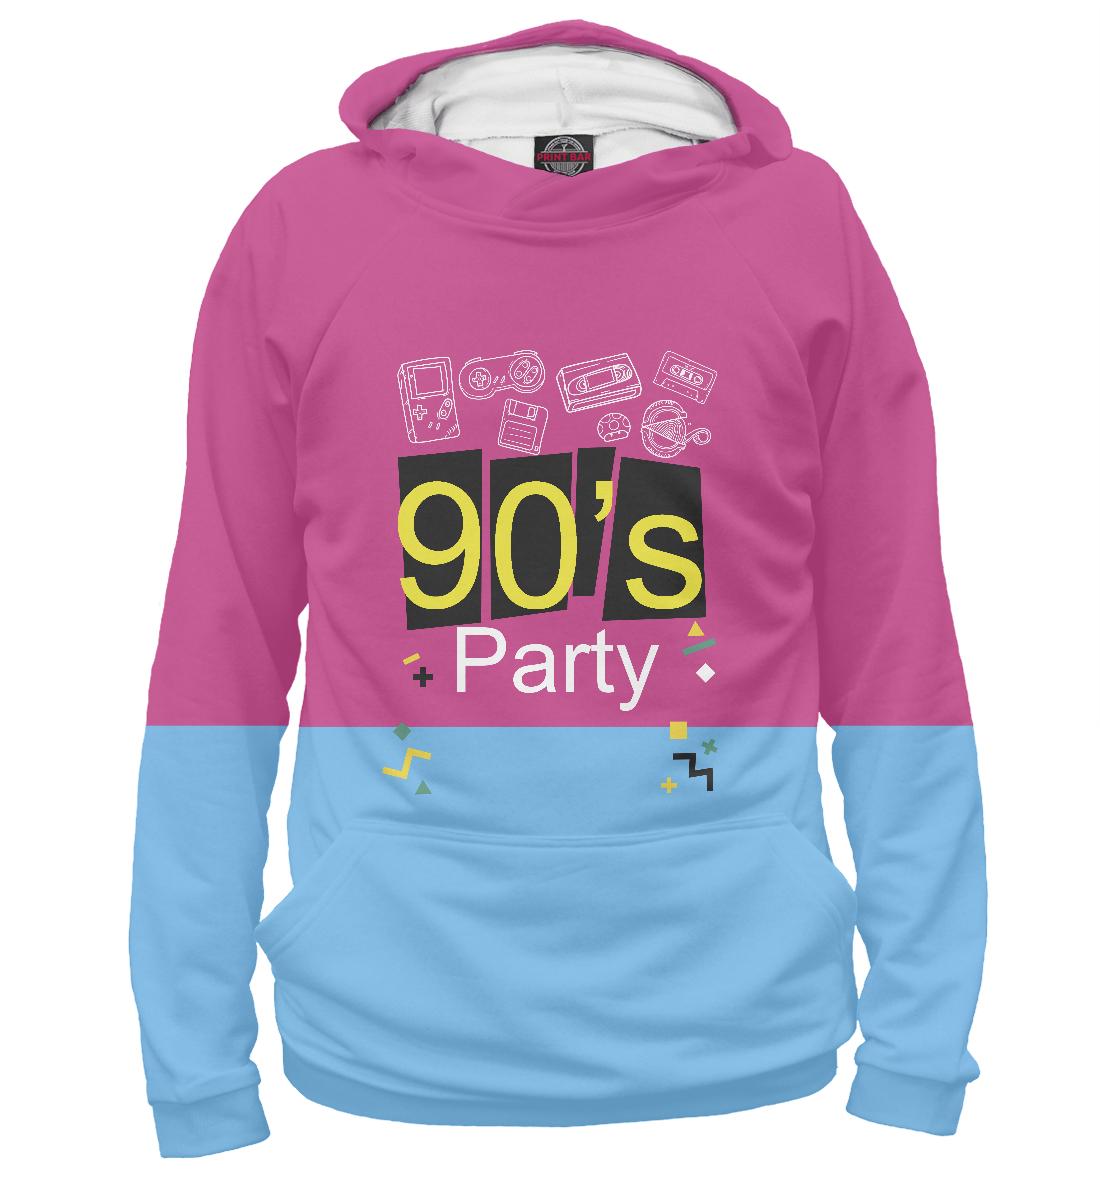 Купить 90's Party Назад в девяностые, Printbar, Худи, APD-556411-hud-2